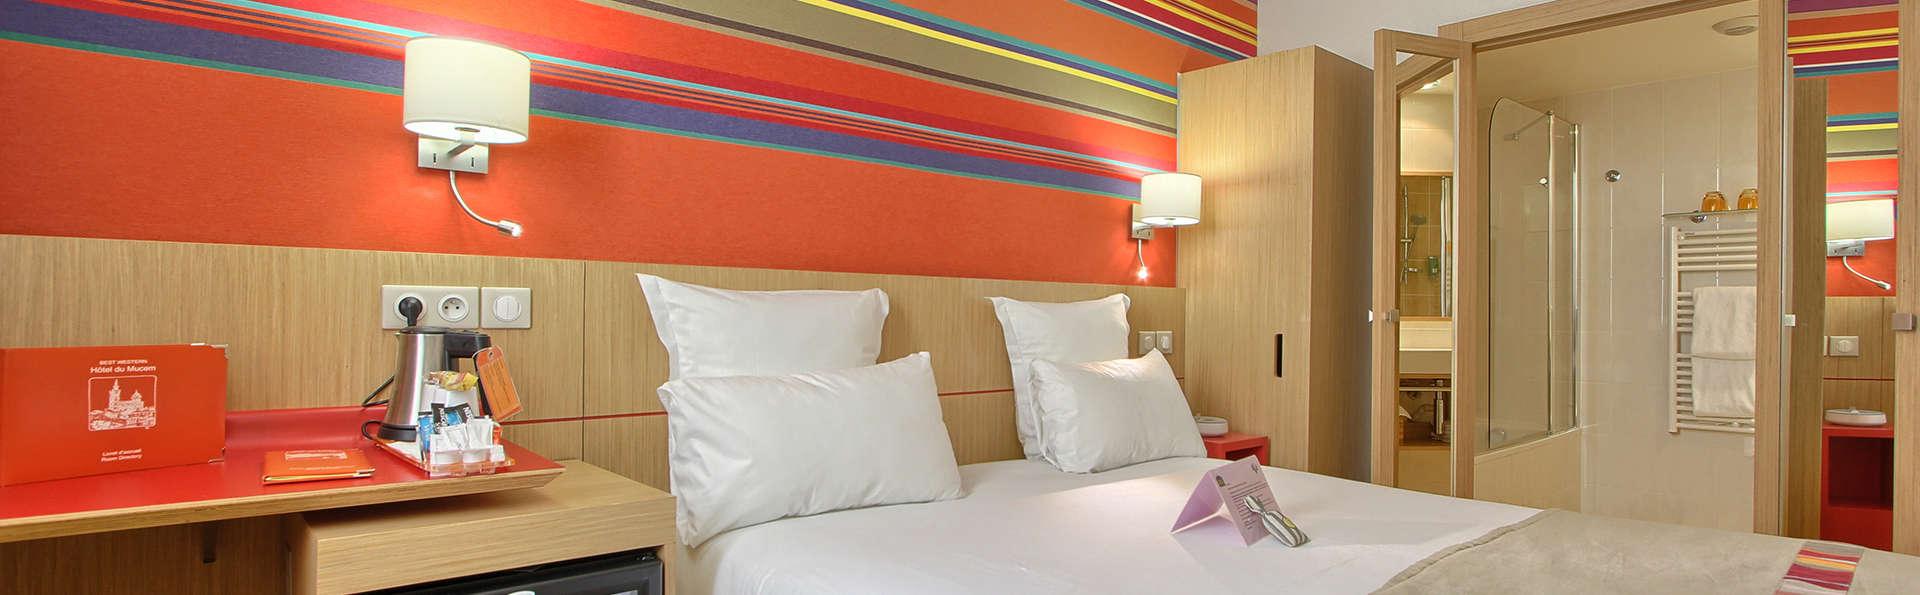 Best Western Hôtel du Mucem - EDIT_room1.jpg